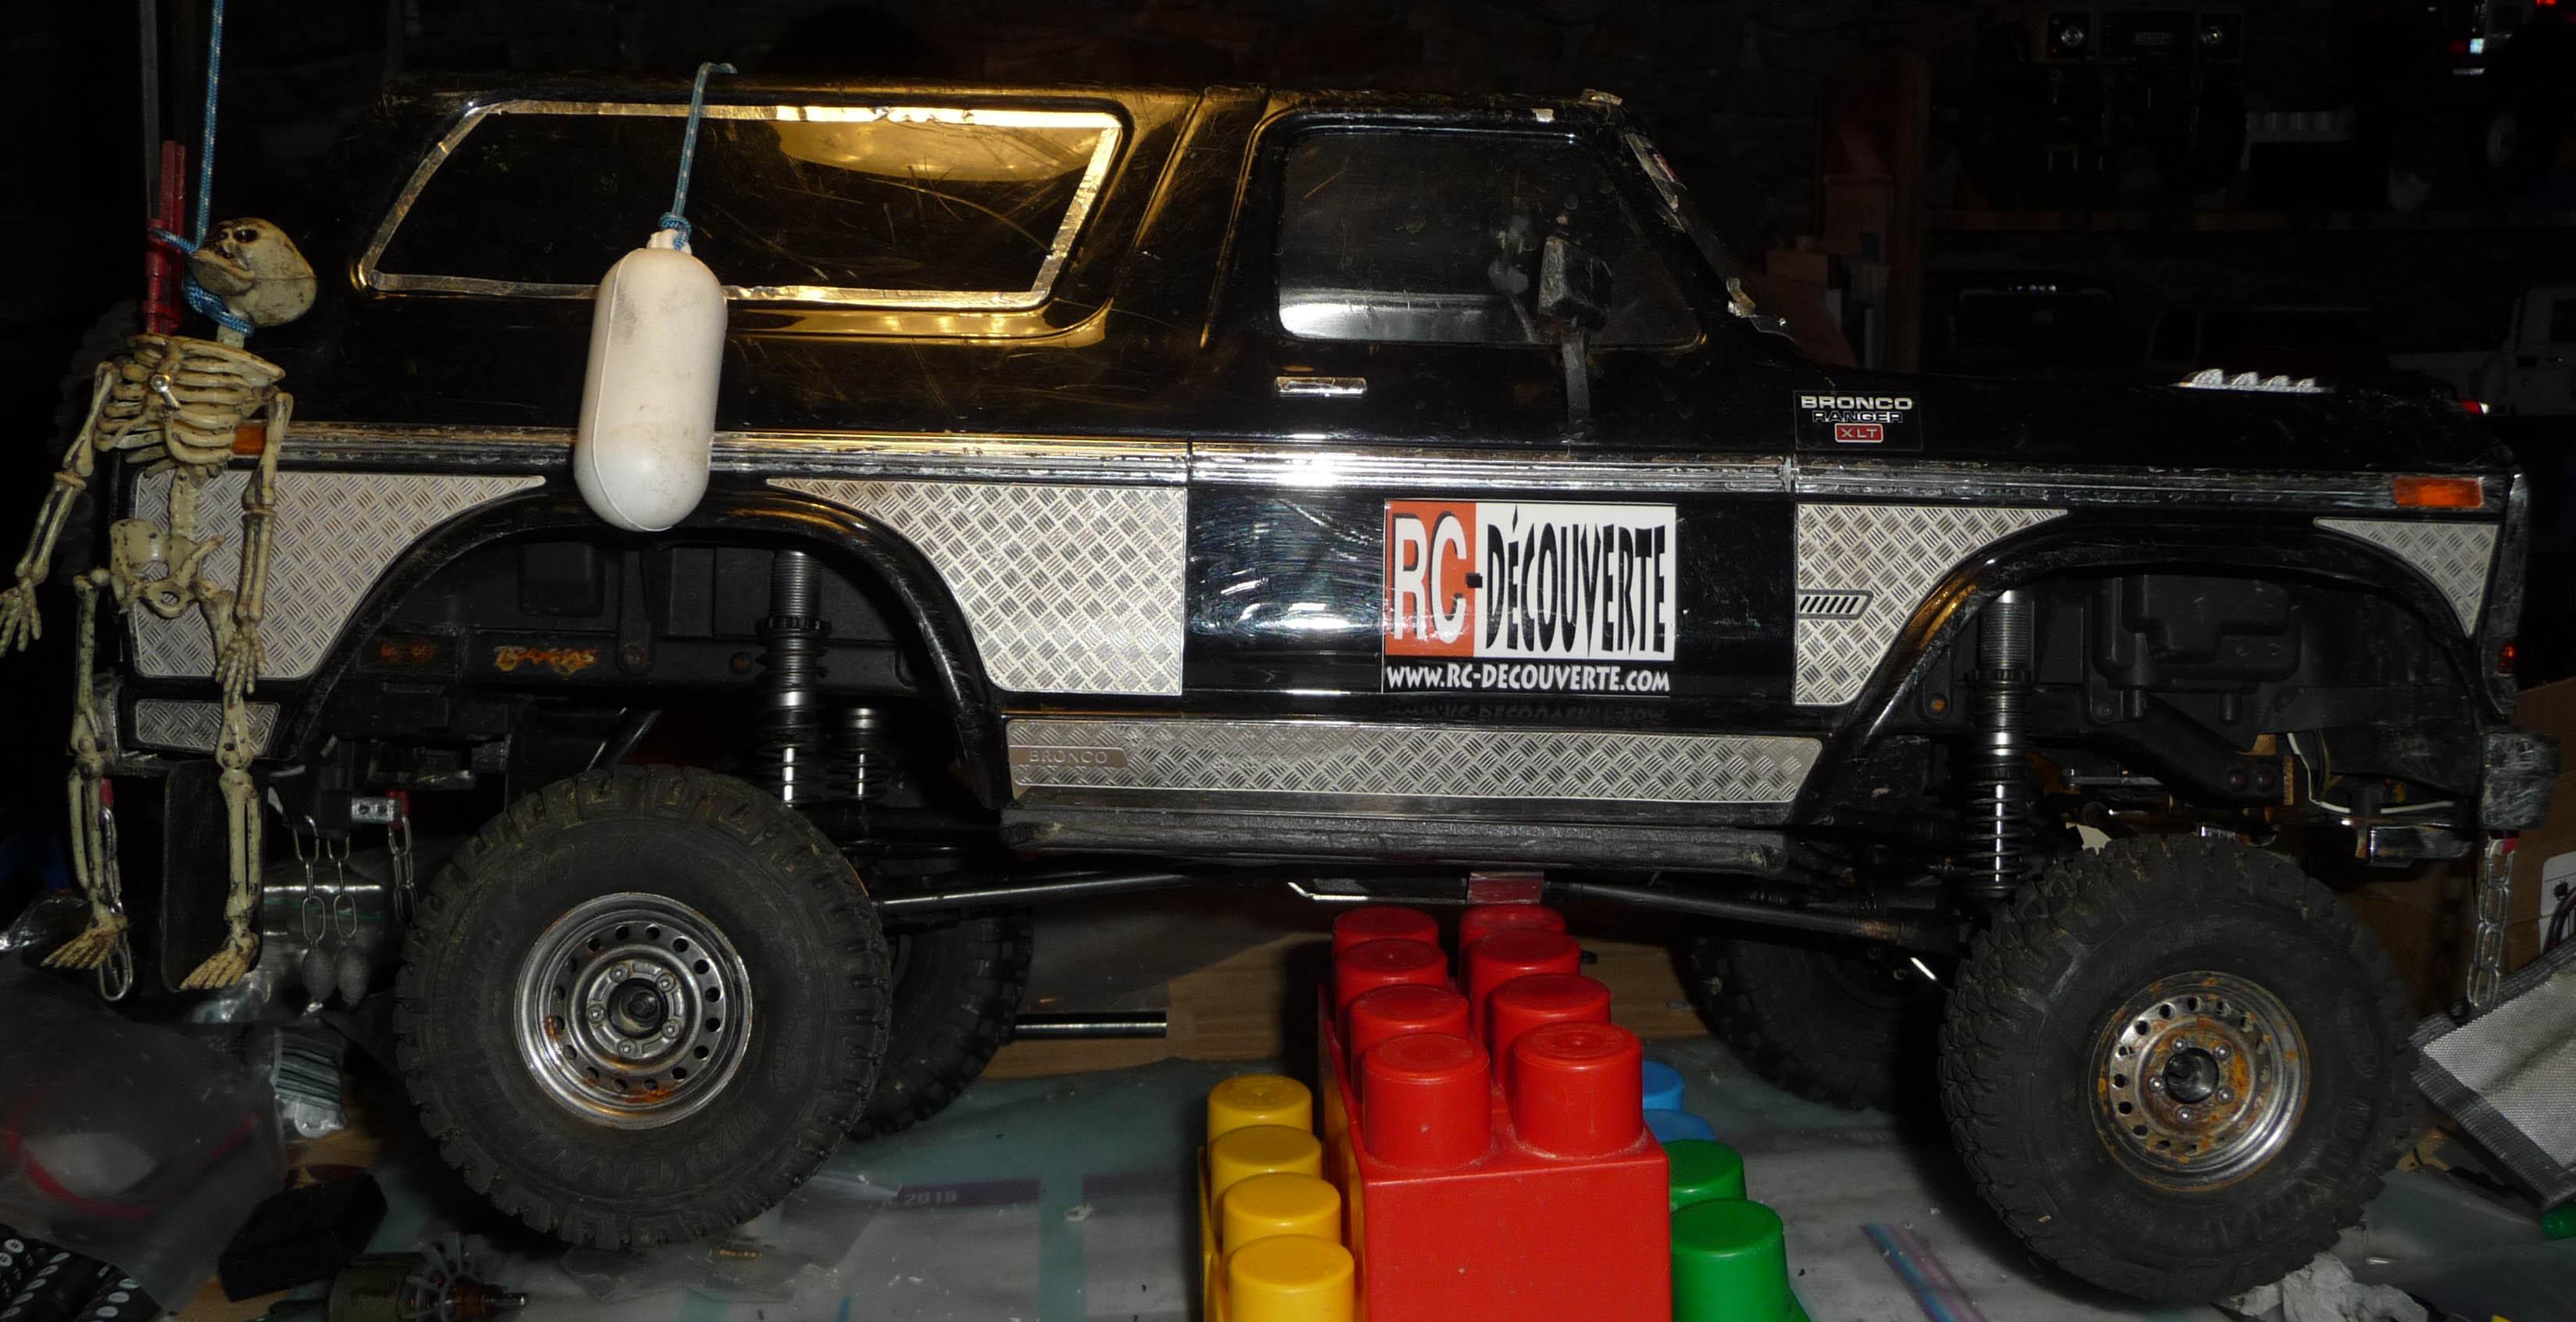 Test de différentes tailles et de styles de pneus et jantes sur Traxxas TRX-4 Bronco Trx-4-44